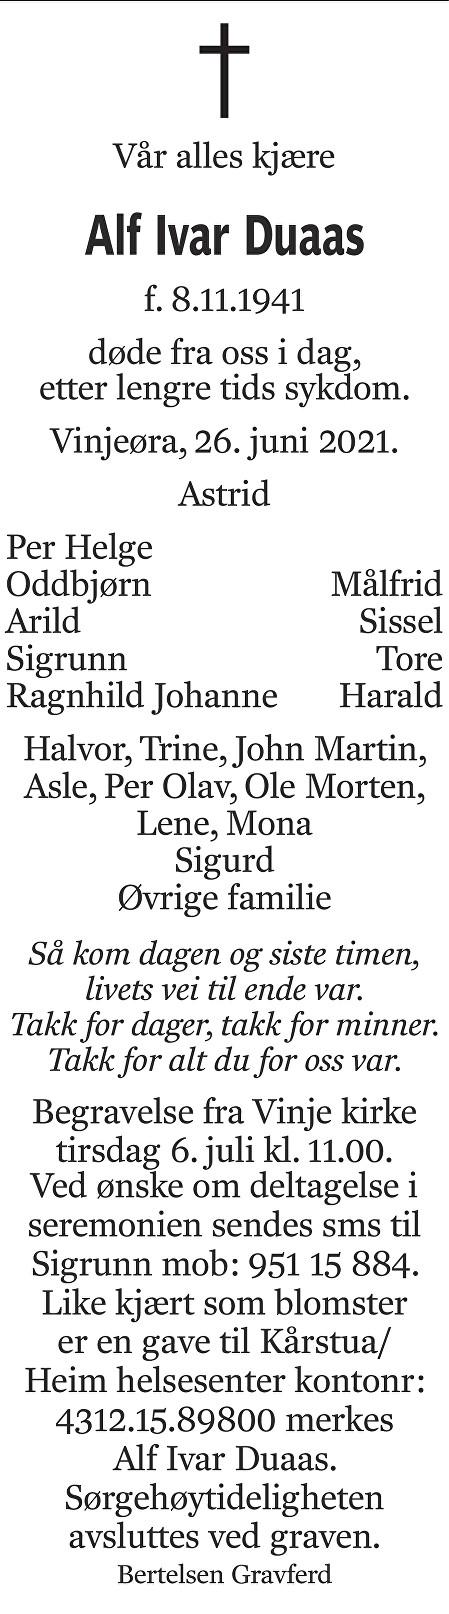 Alf Ivar Duaas Dødsannonse